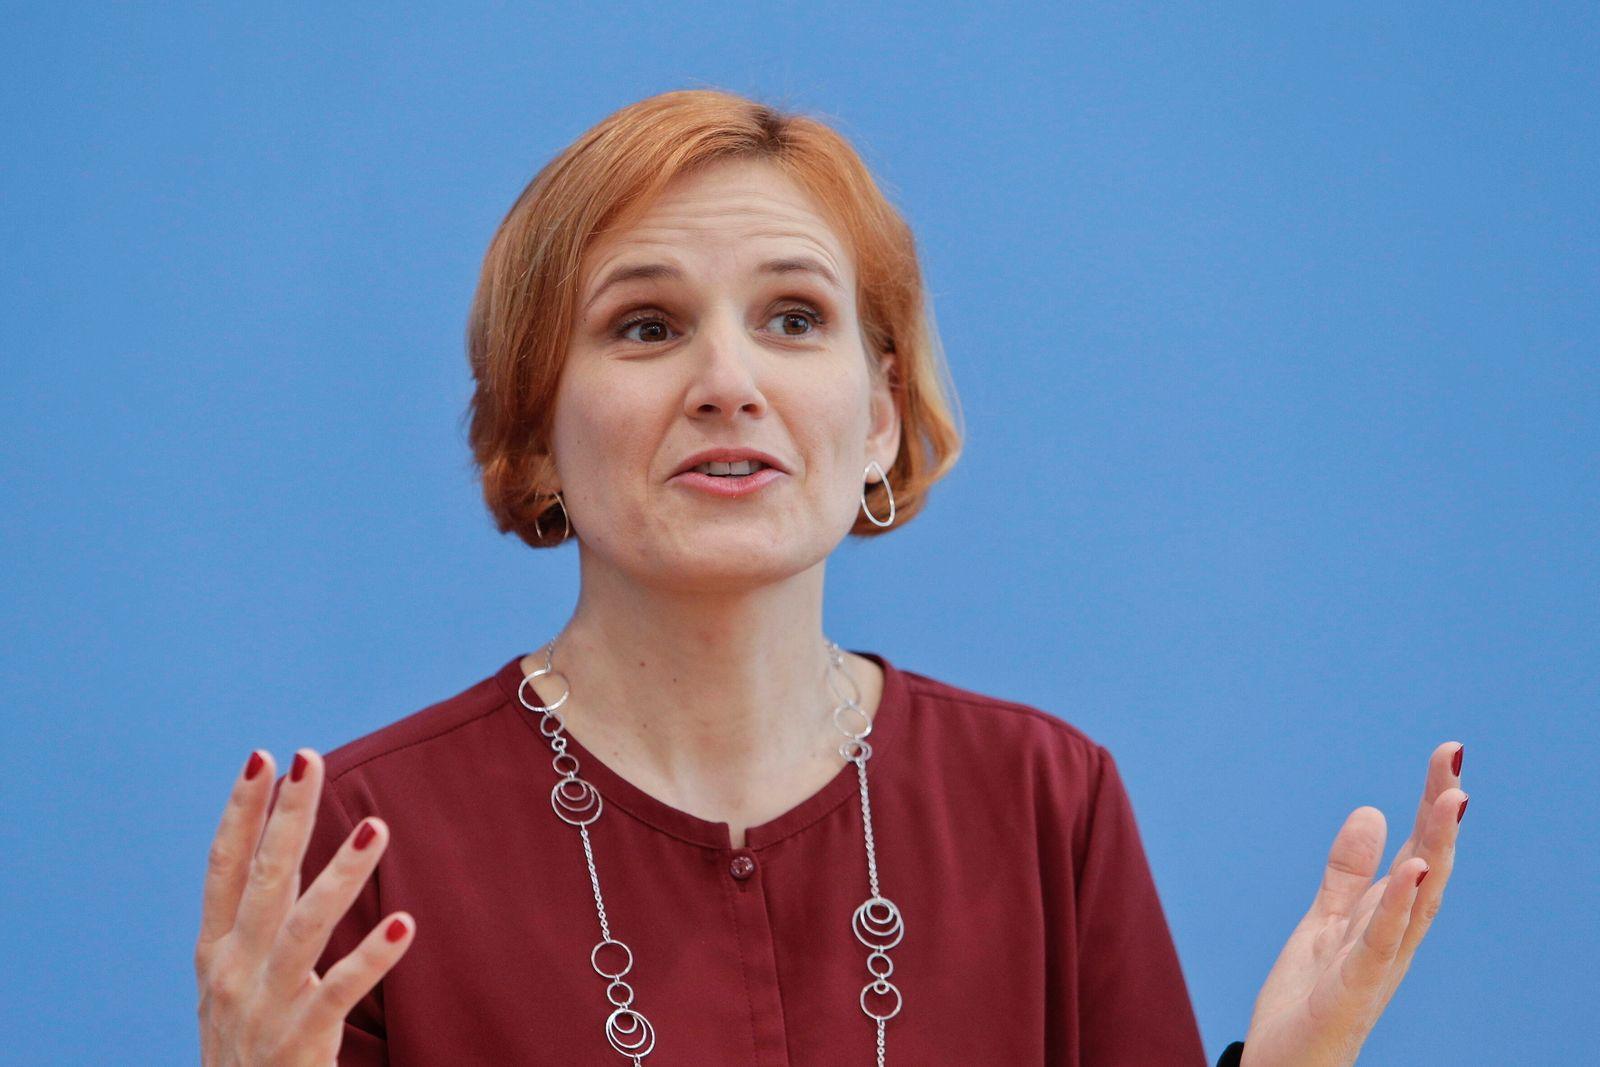 24.02.2020, Berlin, Deutschland - Pressekonferenz der Partei DIE LINKE zu den Auswirkungen der Buergerschaftswahl in Ham